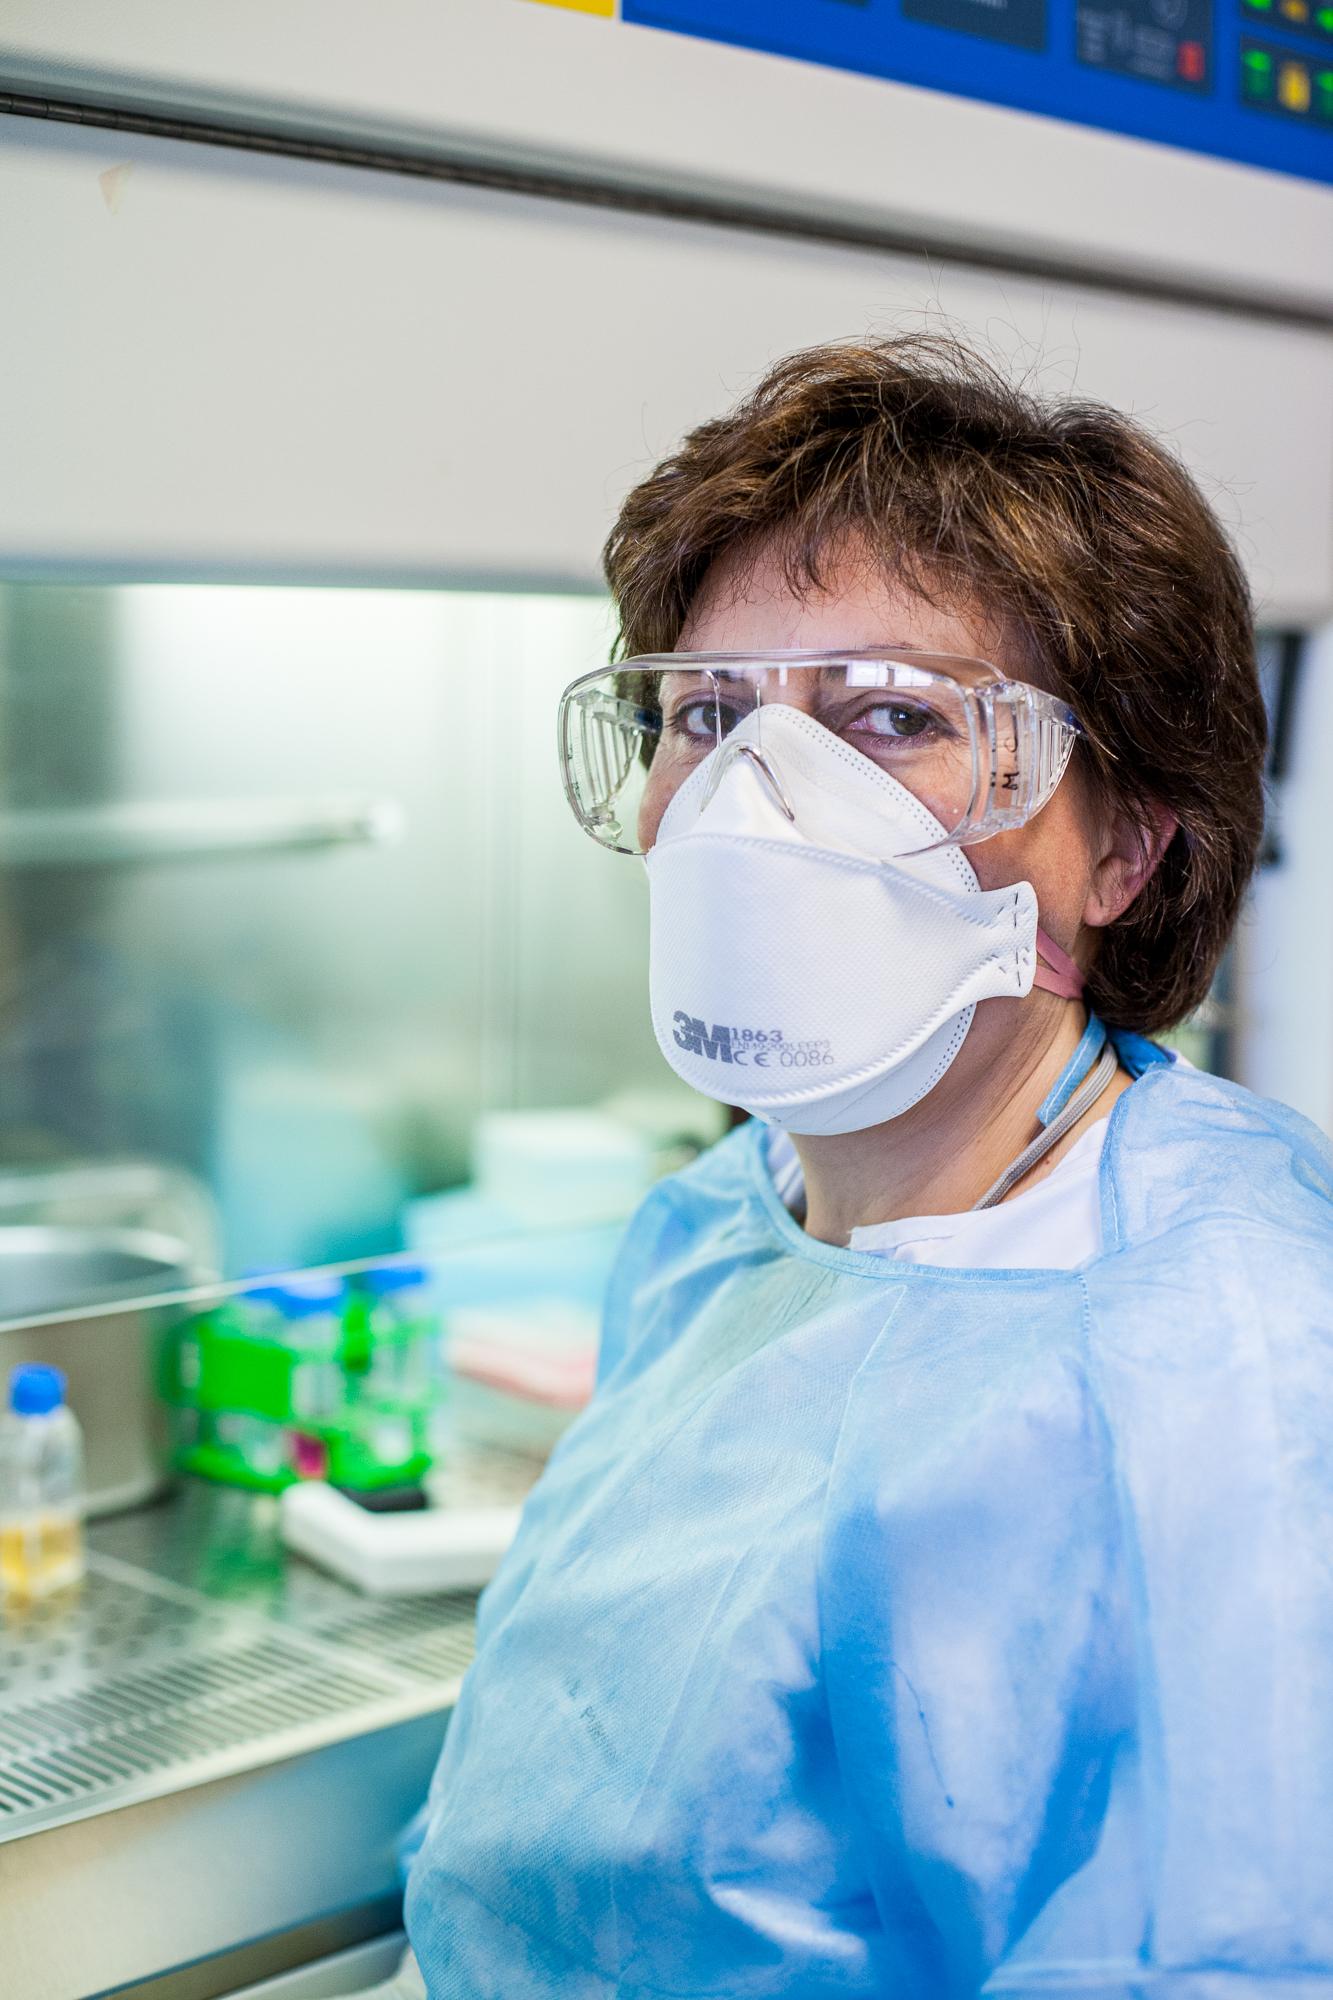 Une laborantine dans un laboratoire P4 de la ville de Toulouse